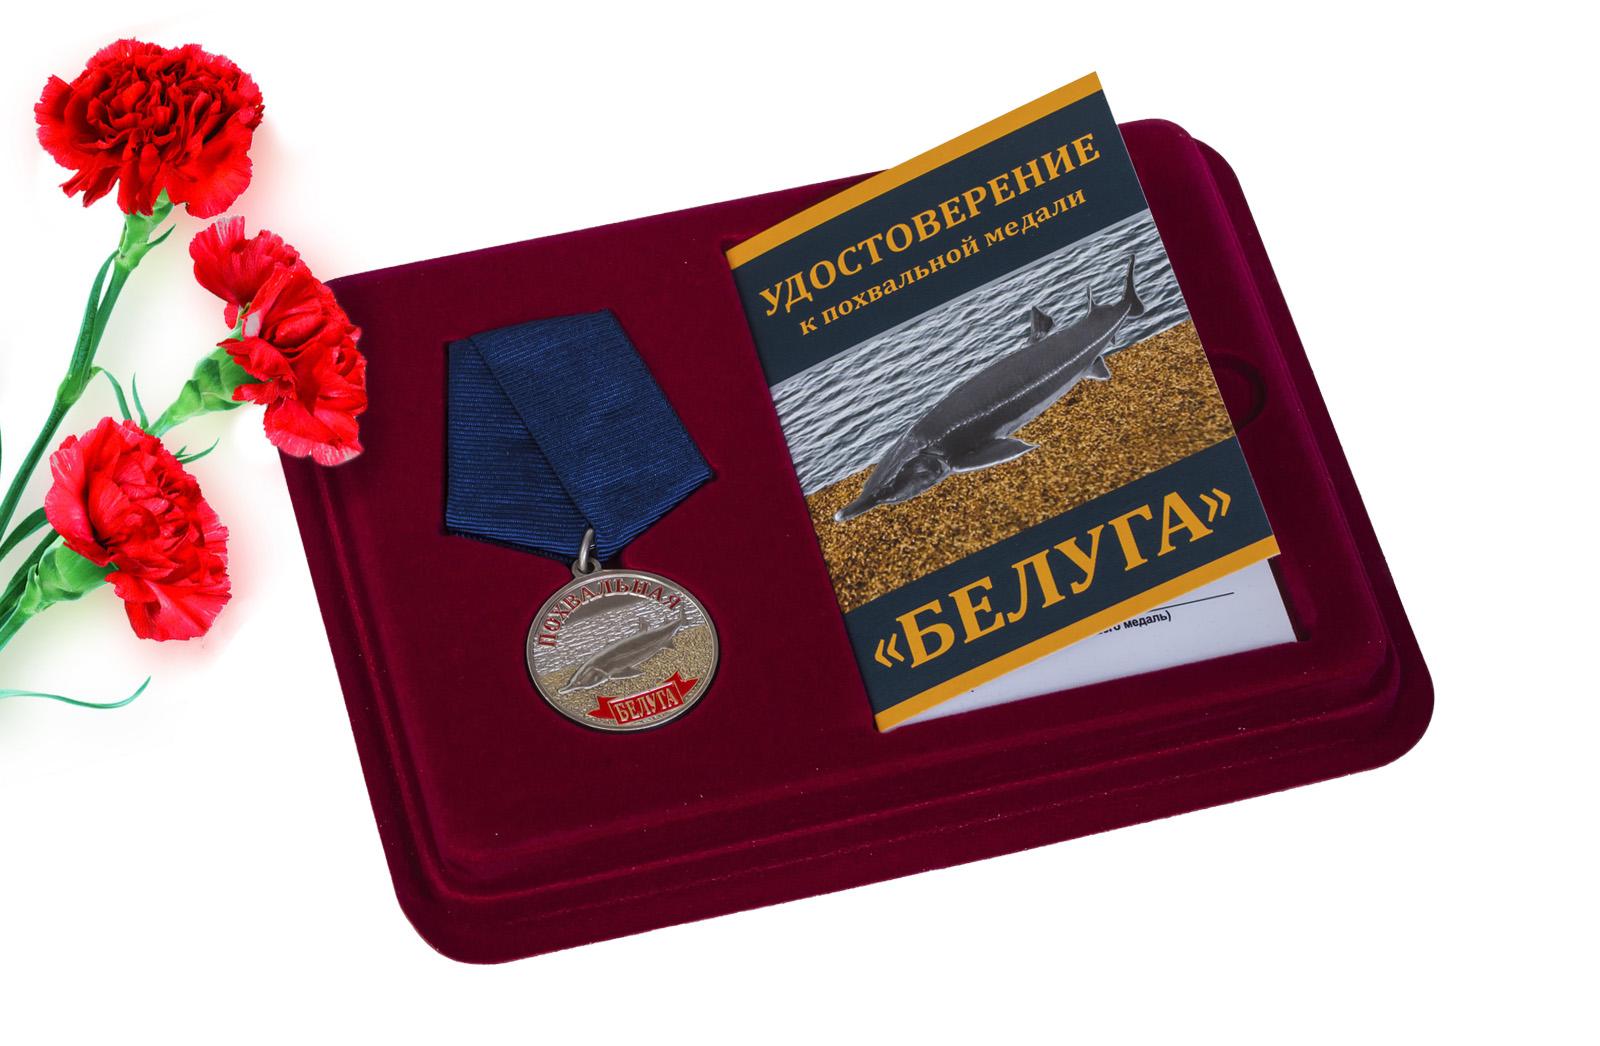 Купить похвальную медаль Белуга онлайн с доставкой